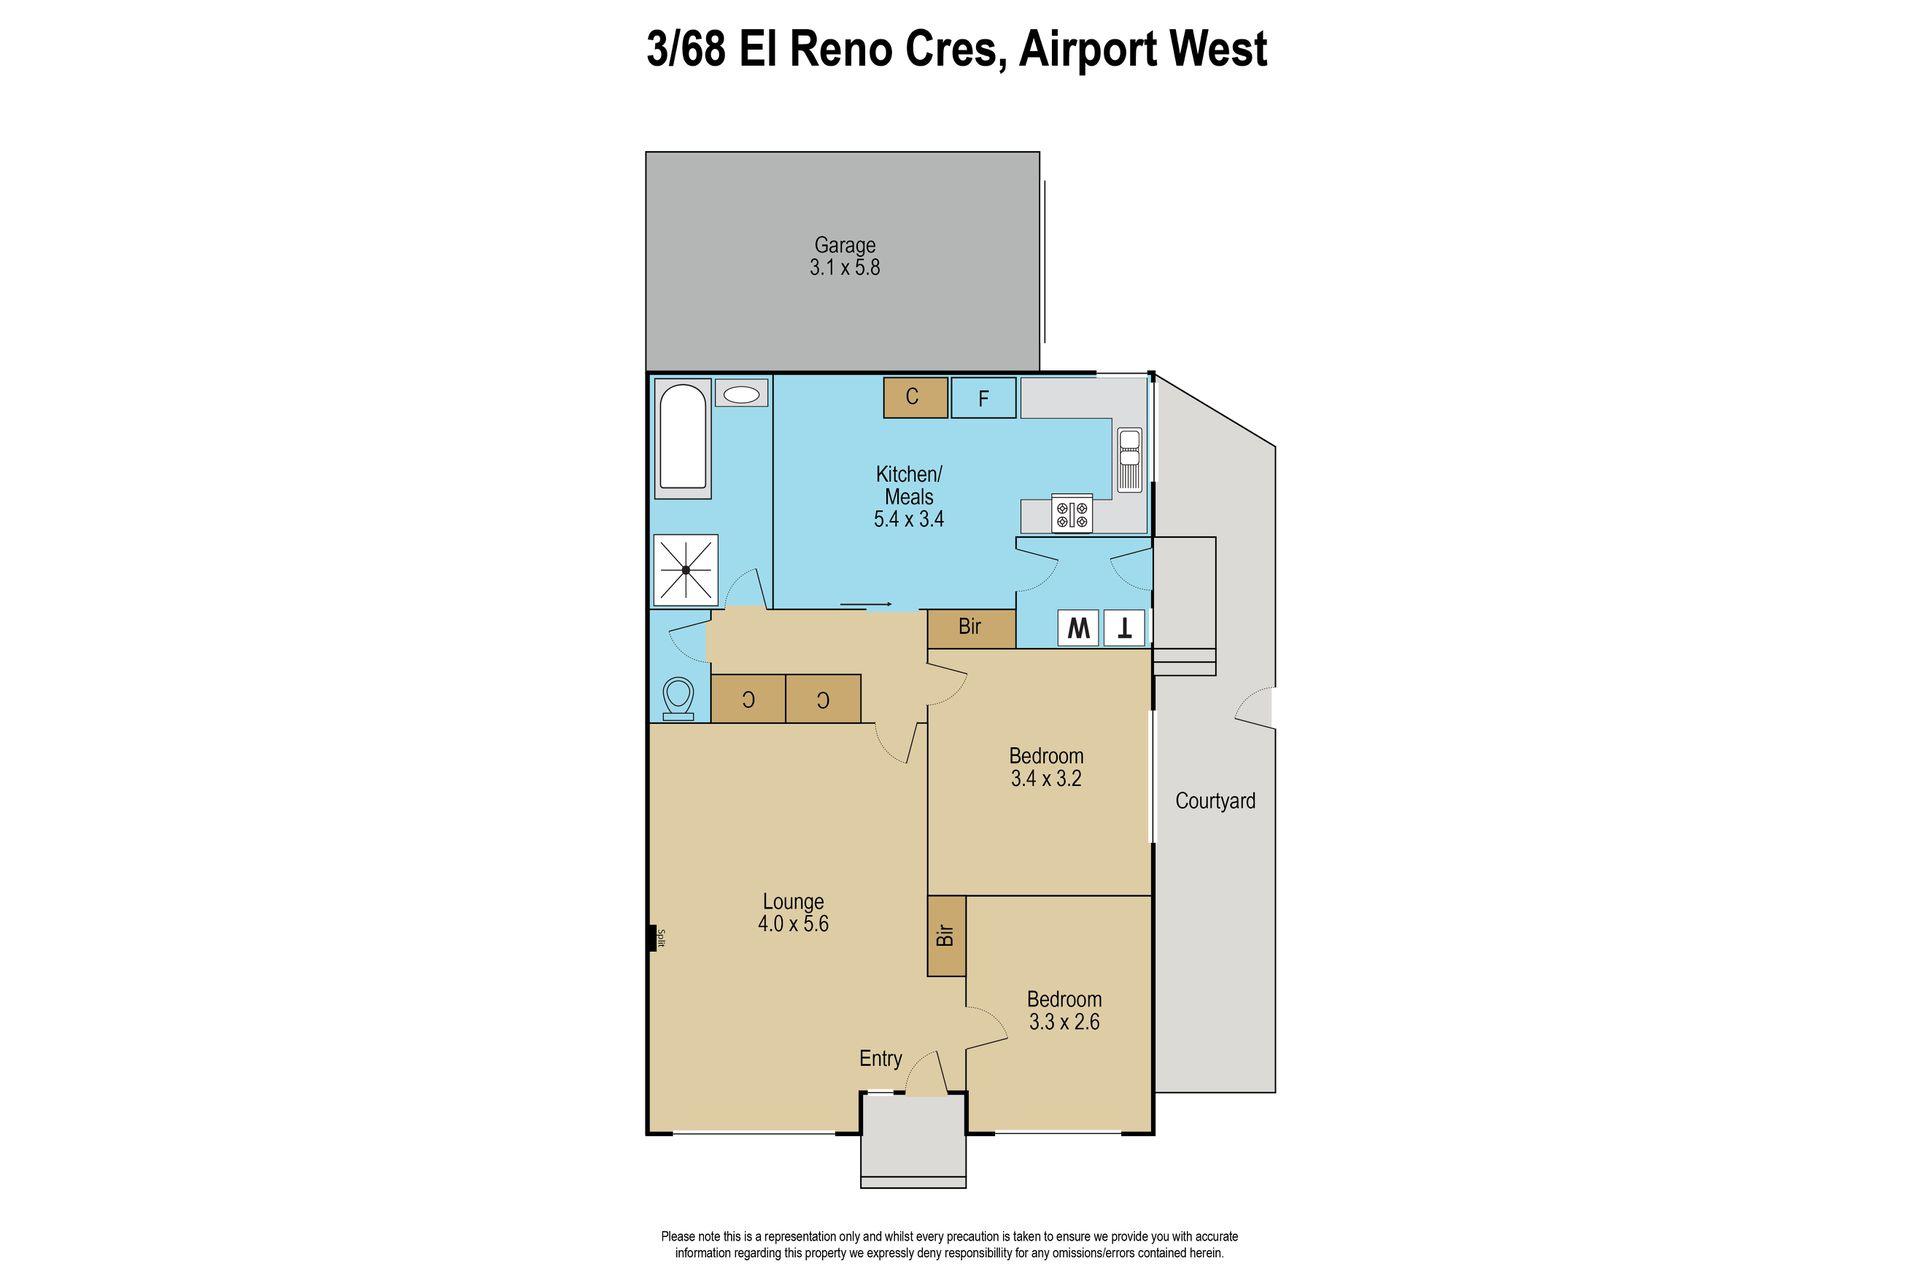 3 / 68 El Reno Crescent, Airport West